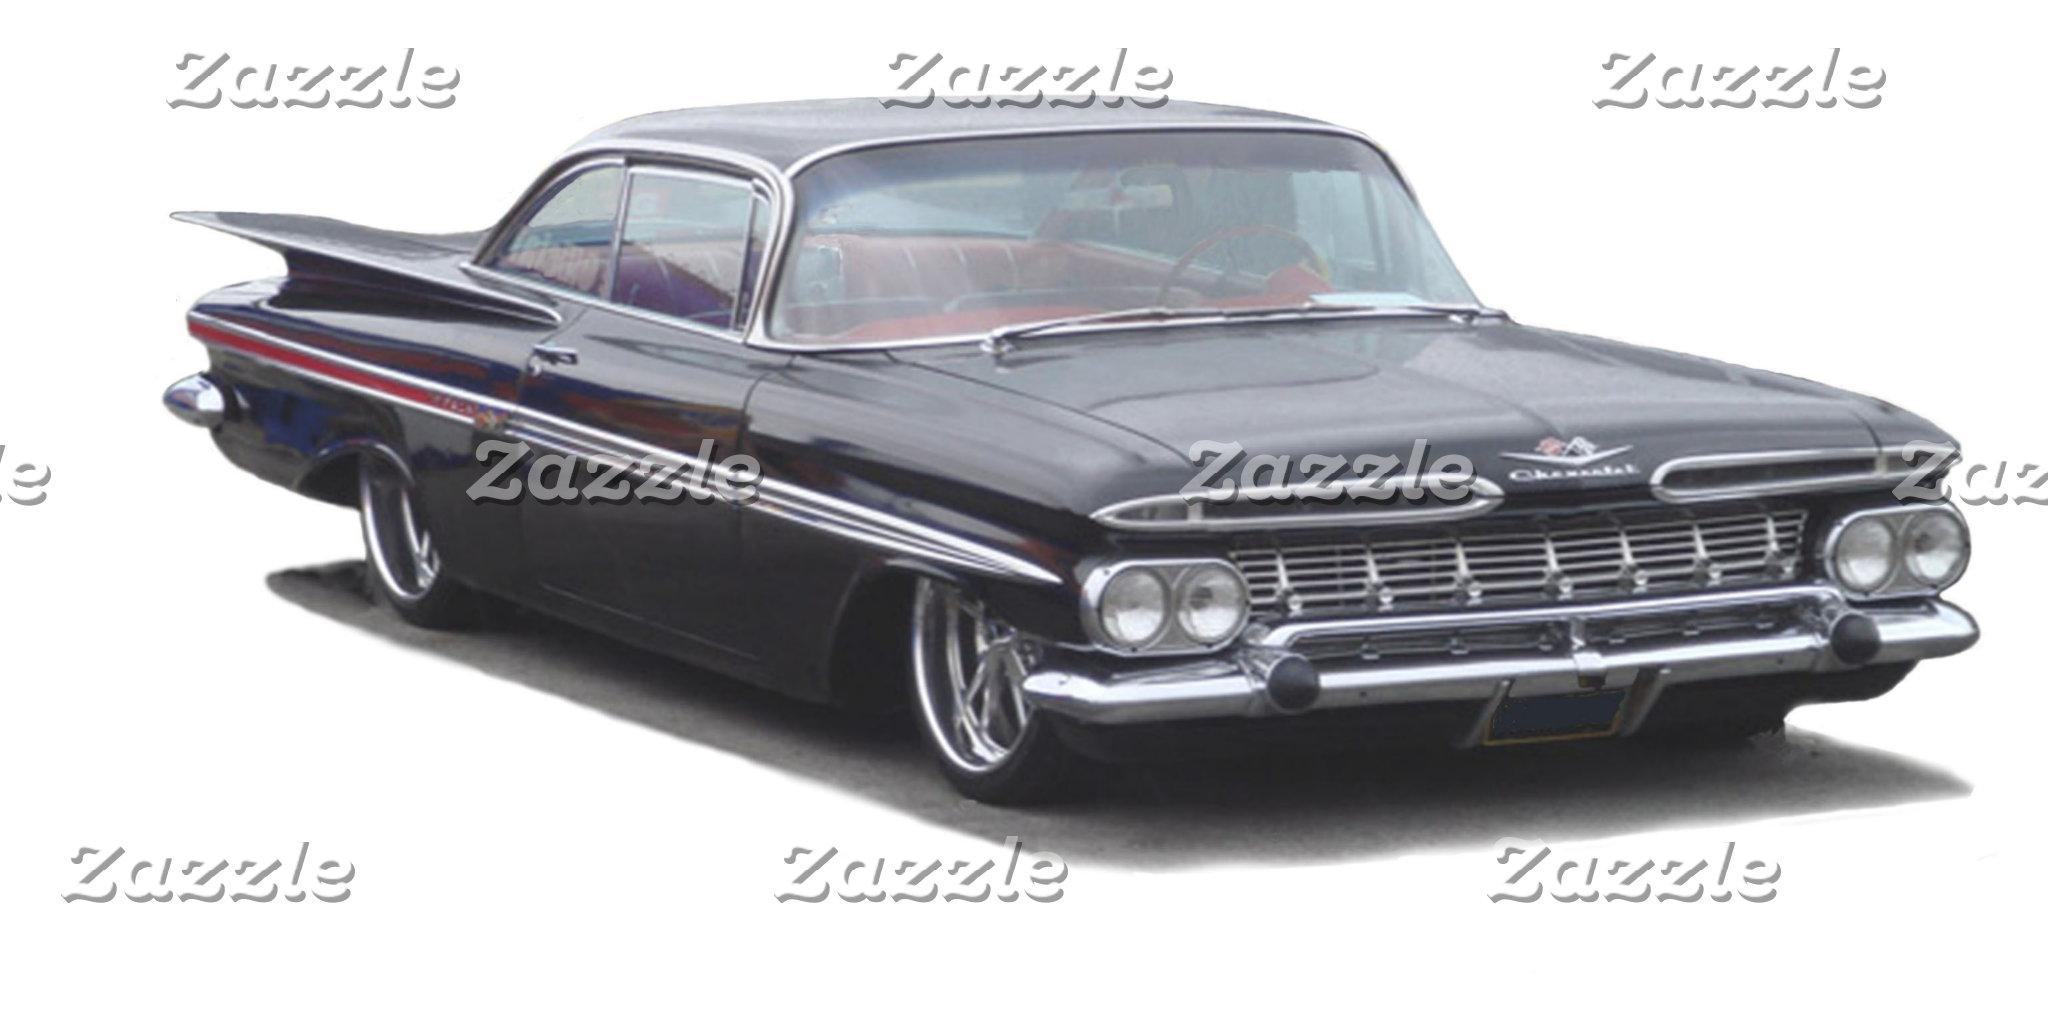 Vintage Automobiles & Hot Rods